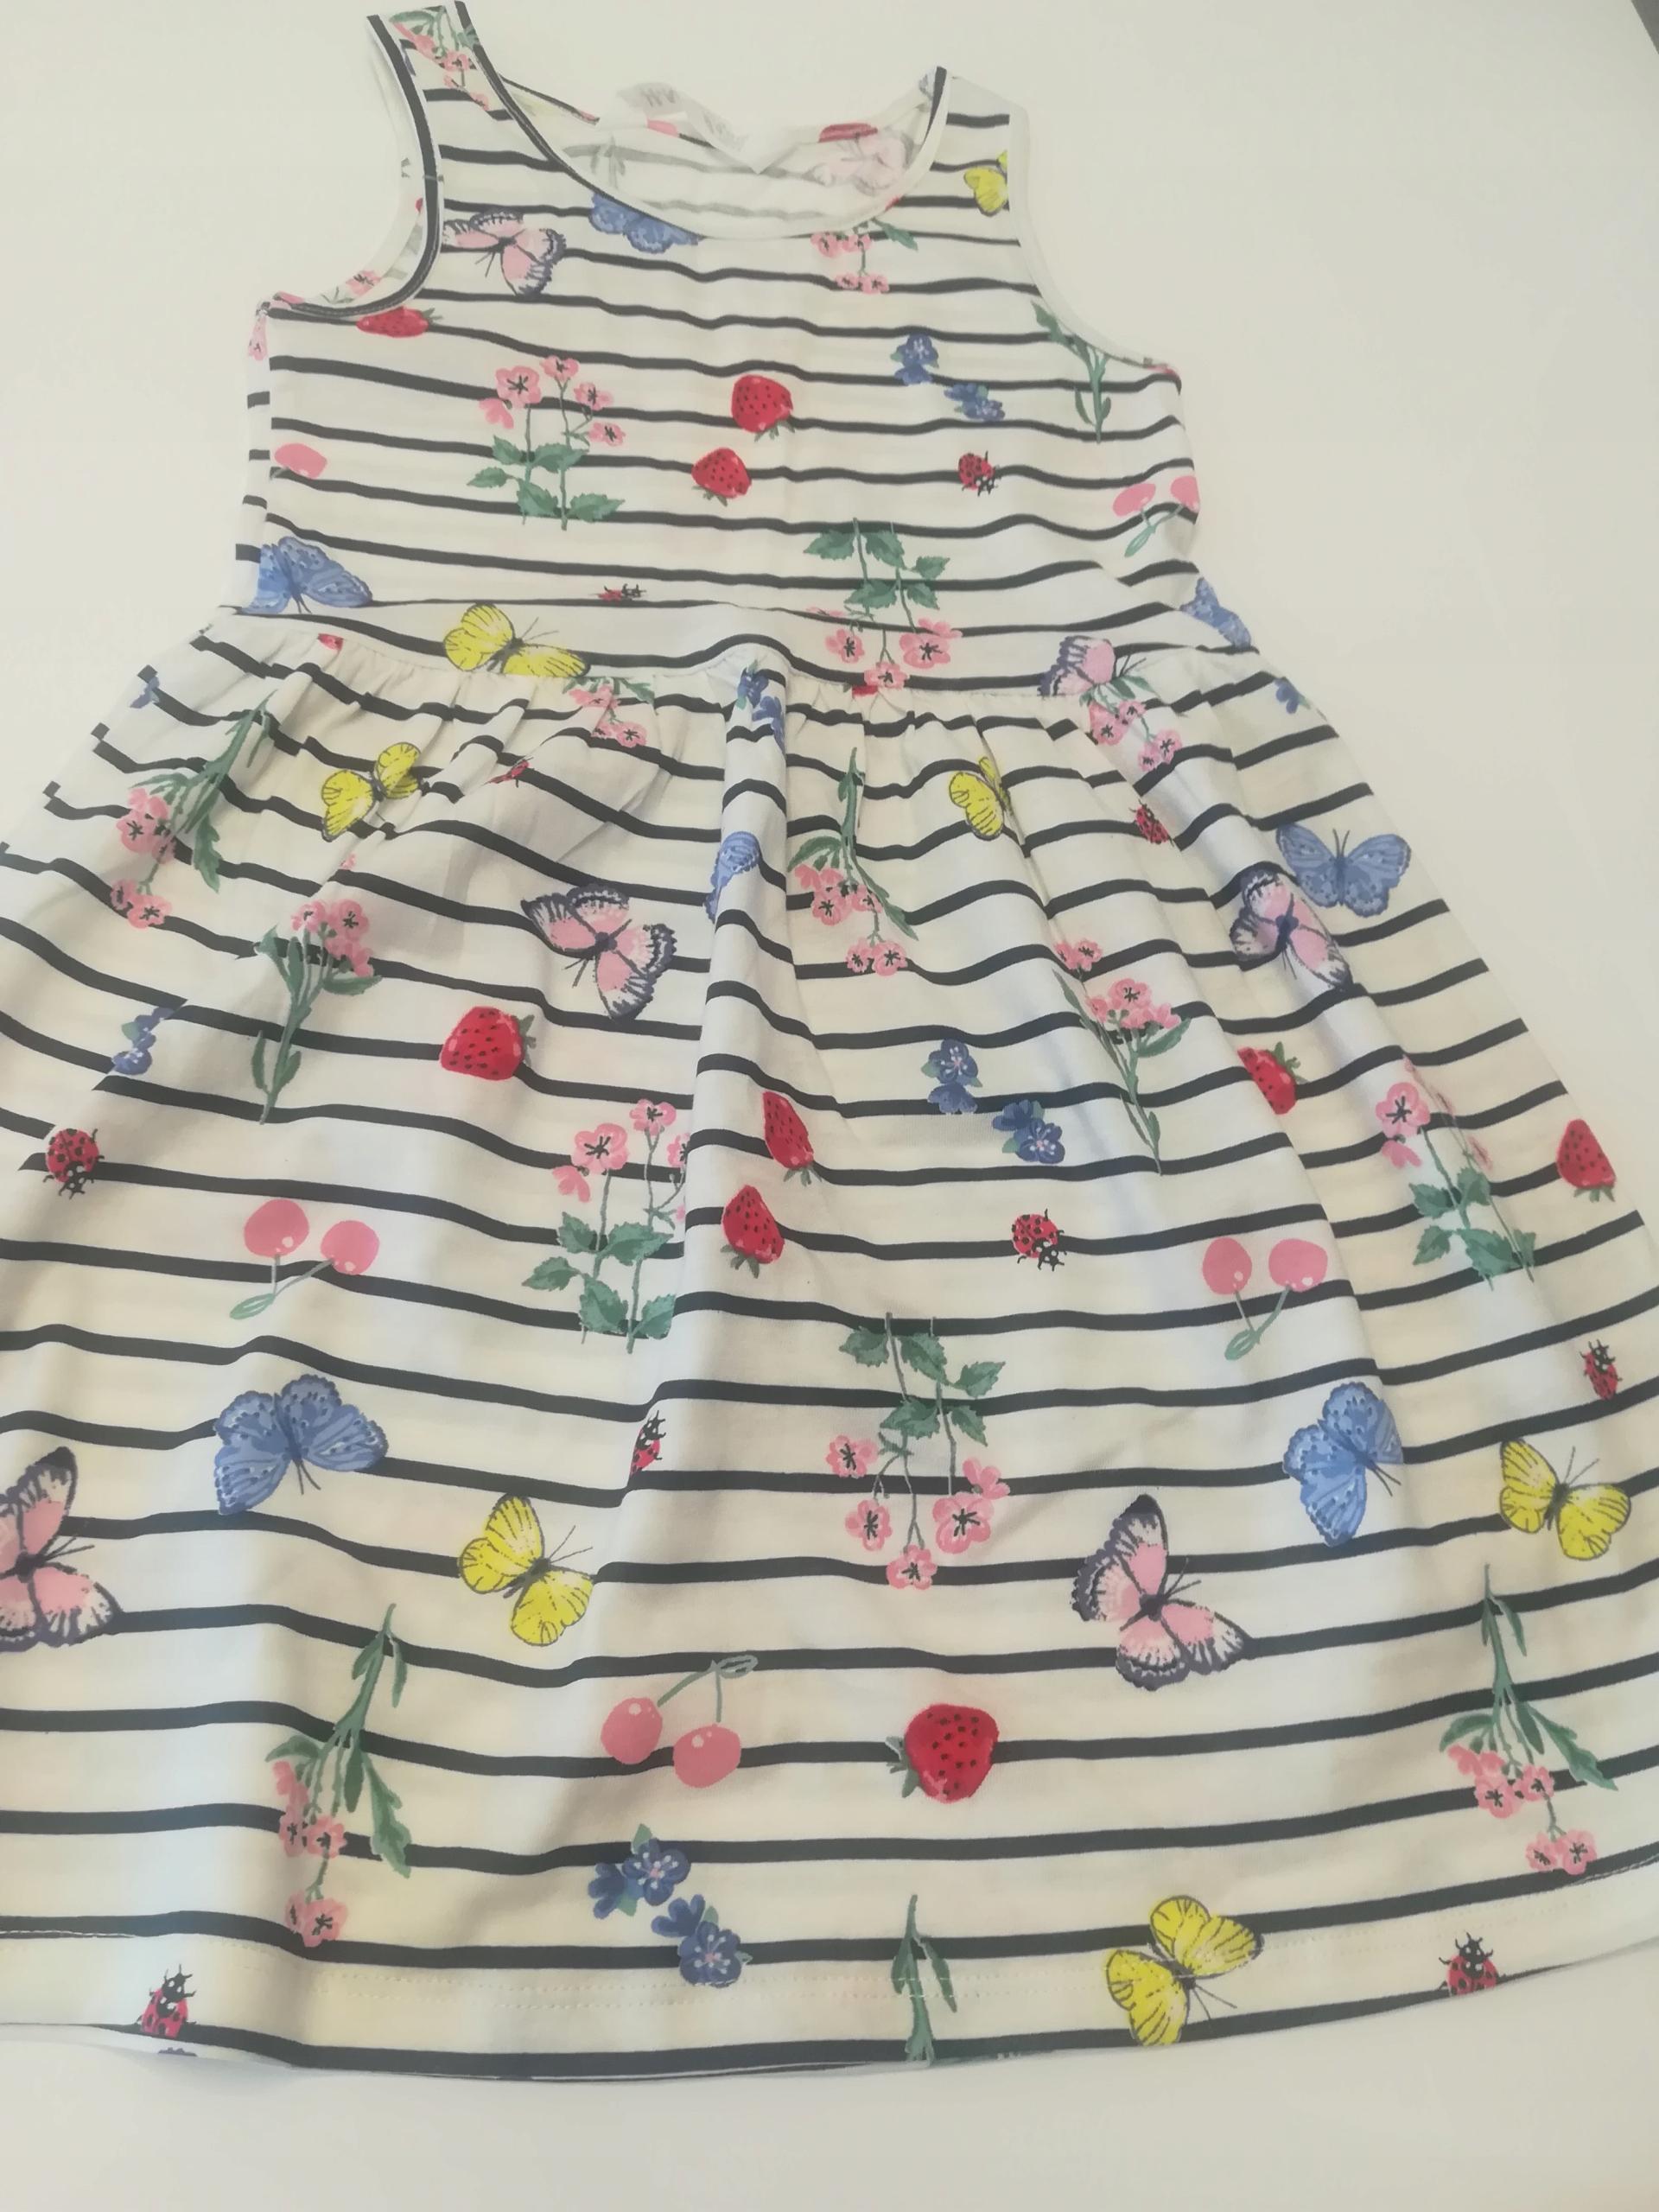 H&M letnia sukienka bawełna, kwiaty, 110-116